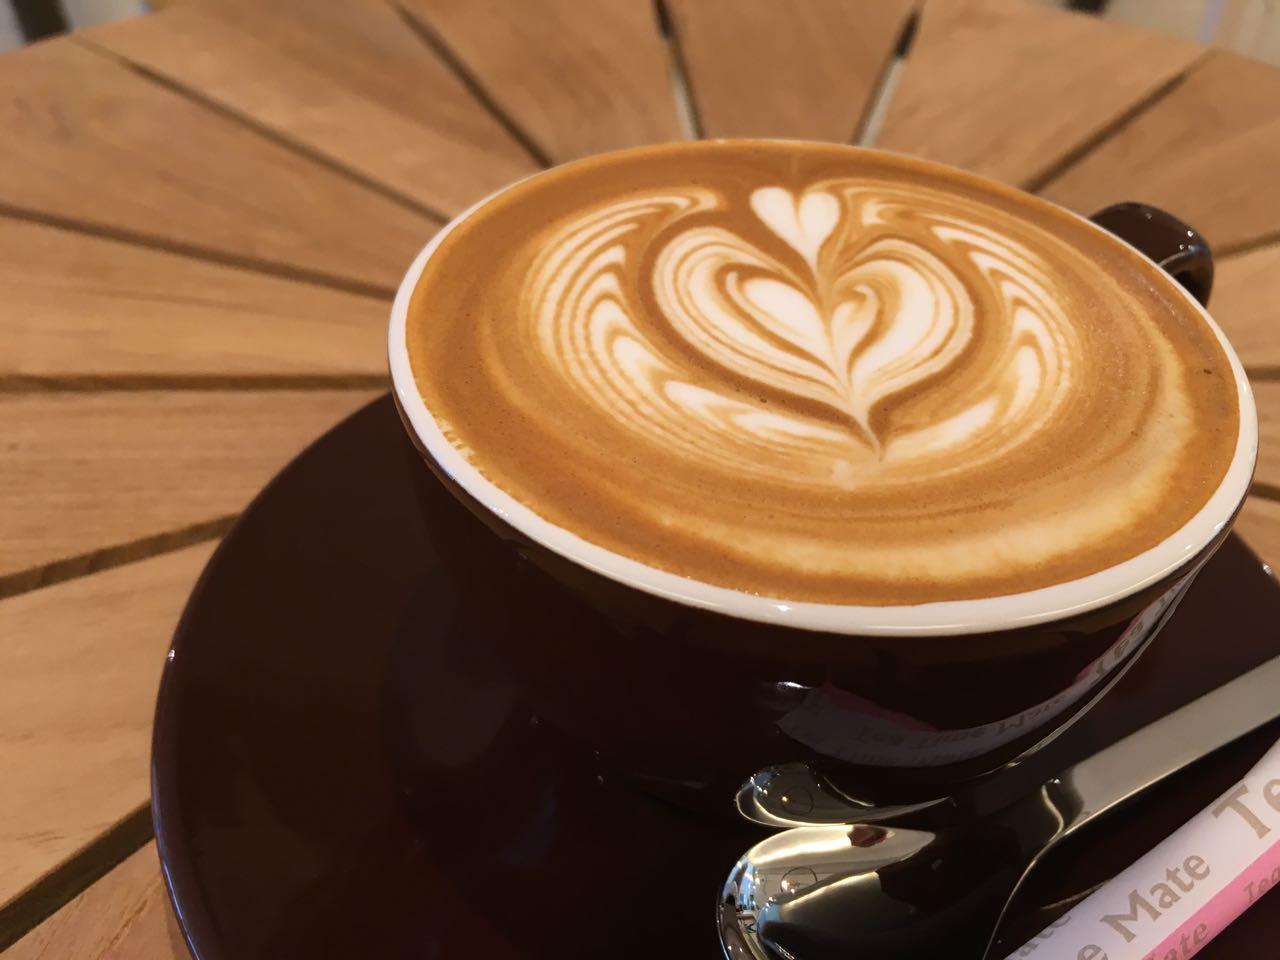 みとん今治,ナカムラコーヒー,カフェ,常盤町,今治銀座商店街